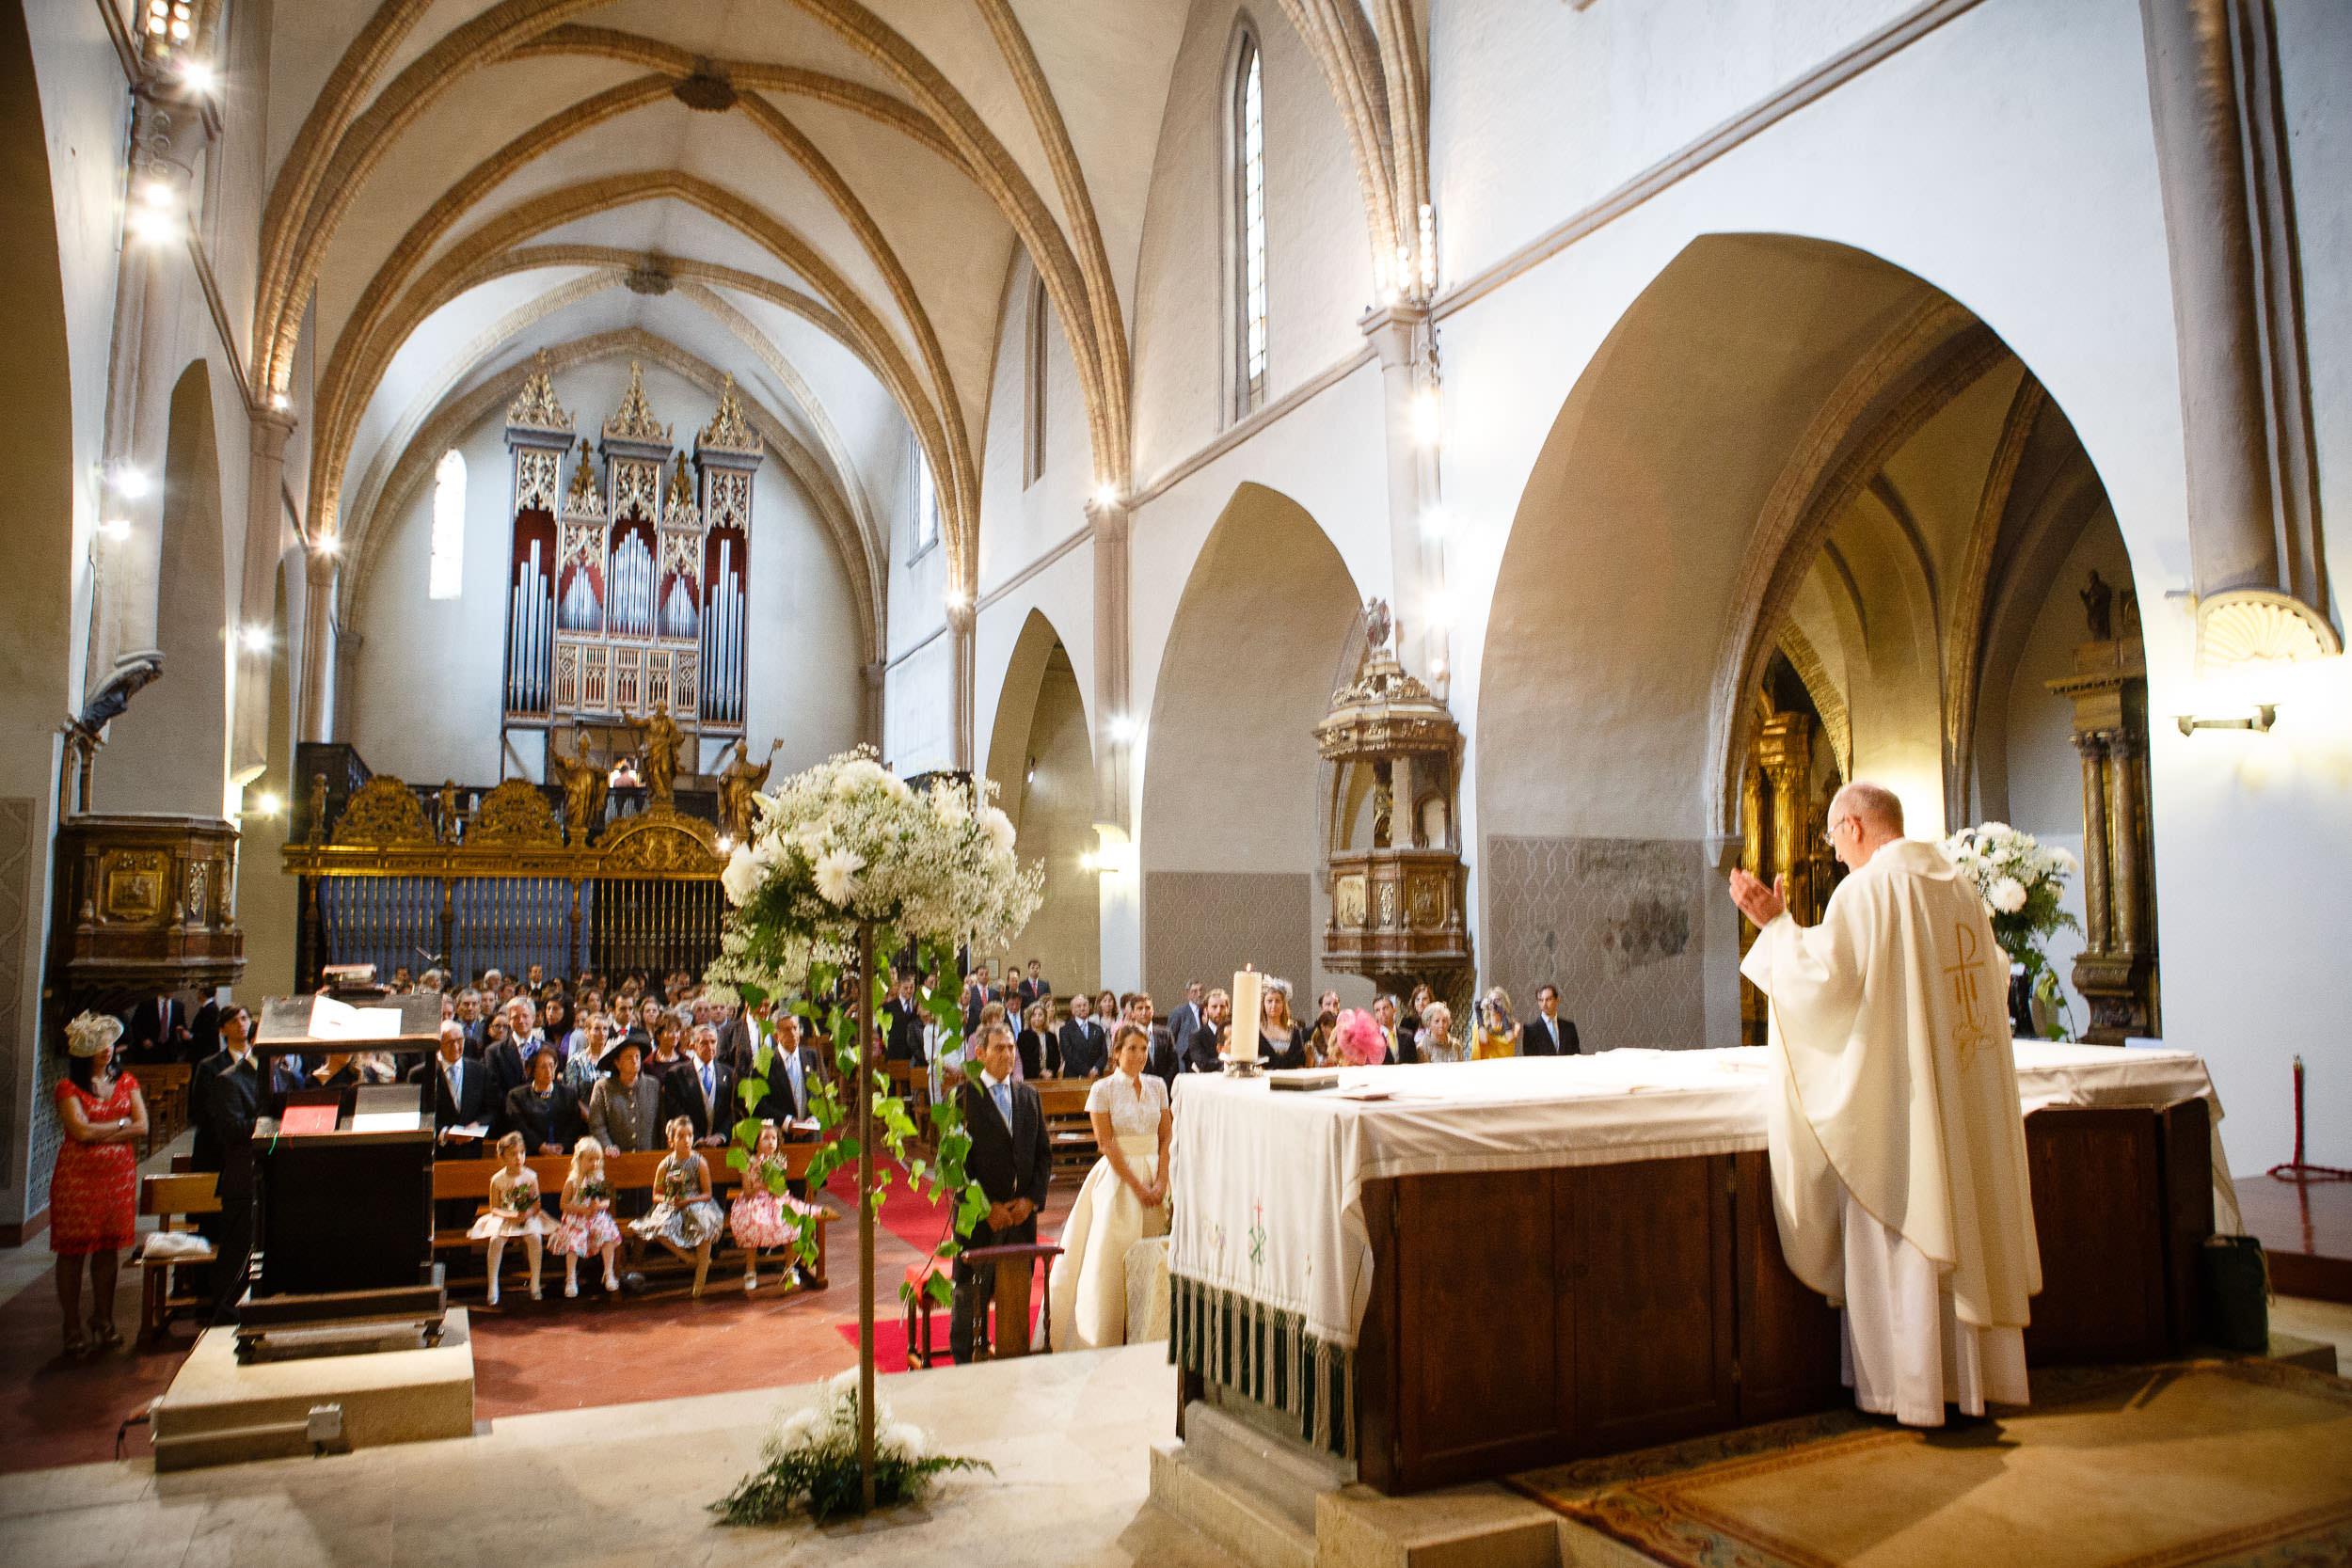 19/10/13 María y Santi, Iglesia San Pablo y Restaurante El Cachirulo, Zaragoza, Aragón, España. Foto de James Sturcke Fotografía | www.sturcke.org